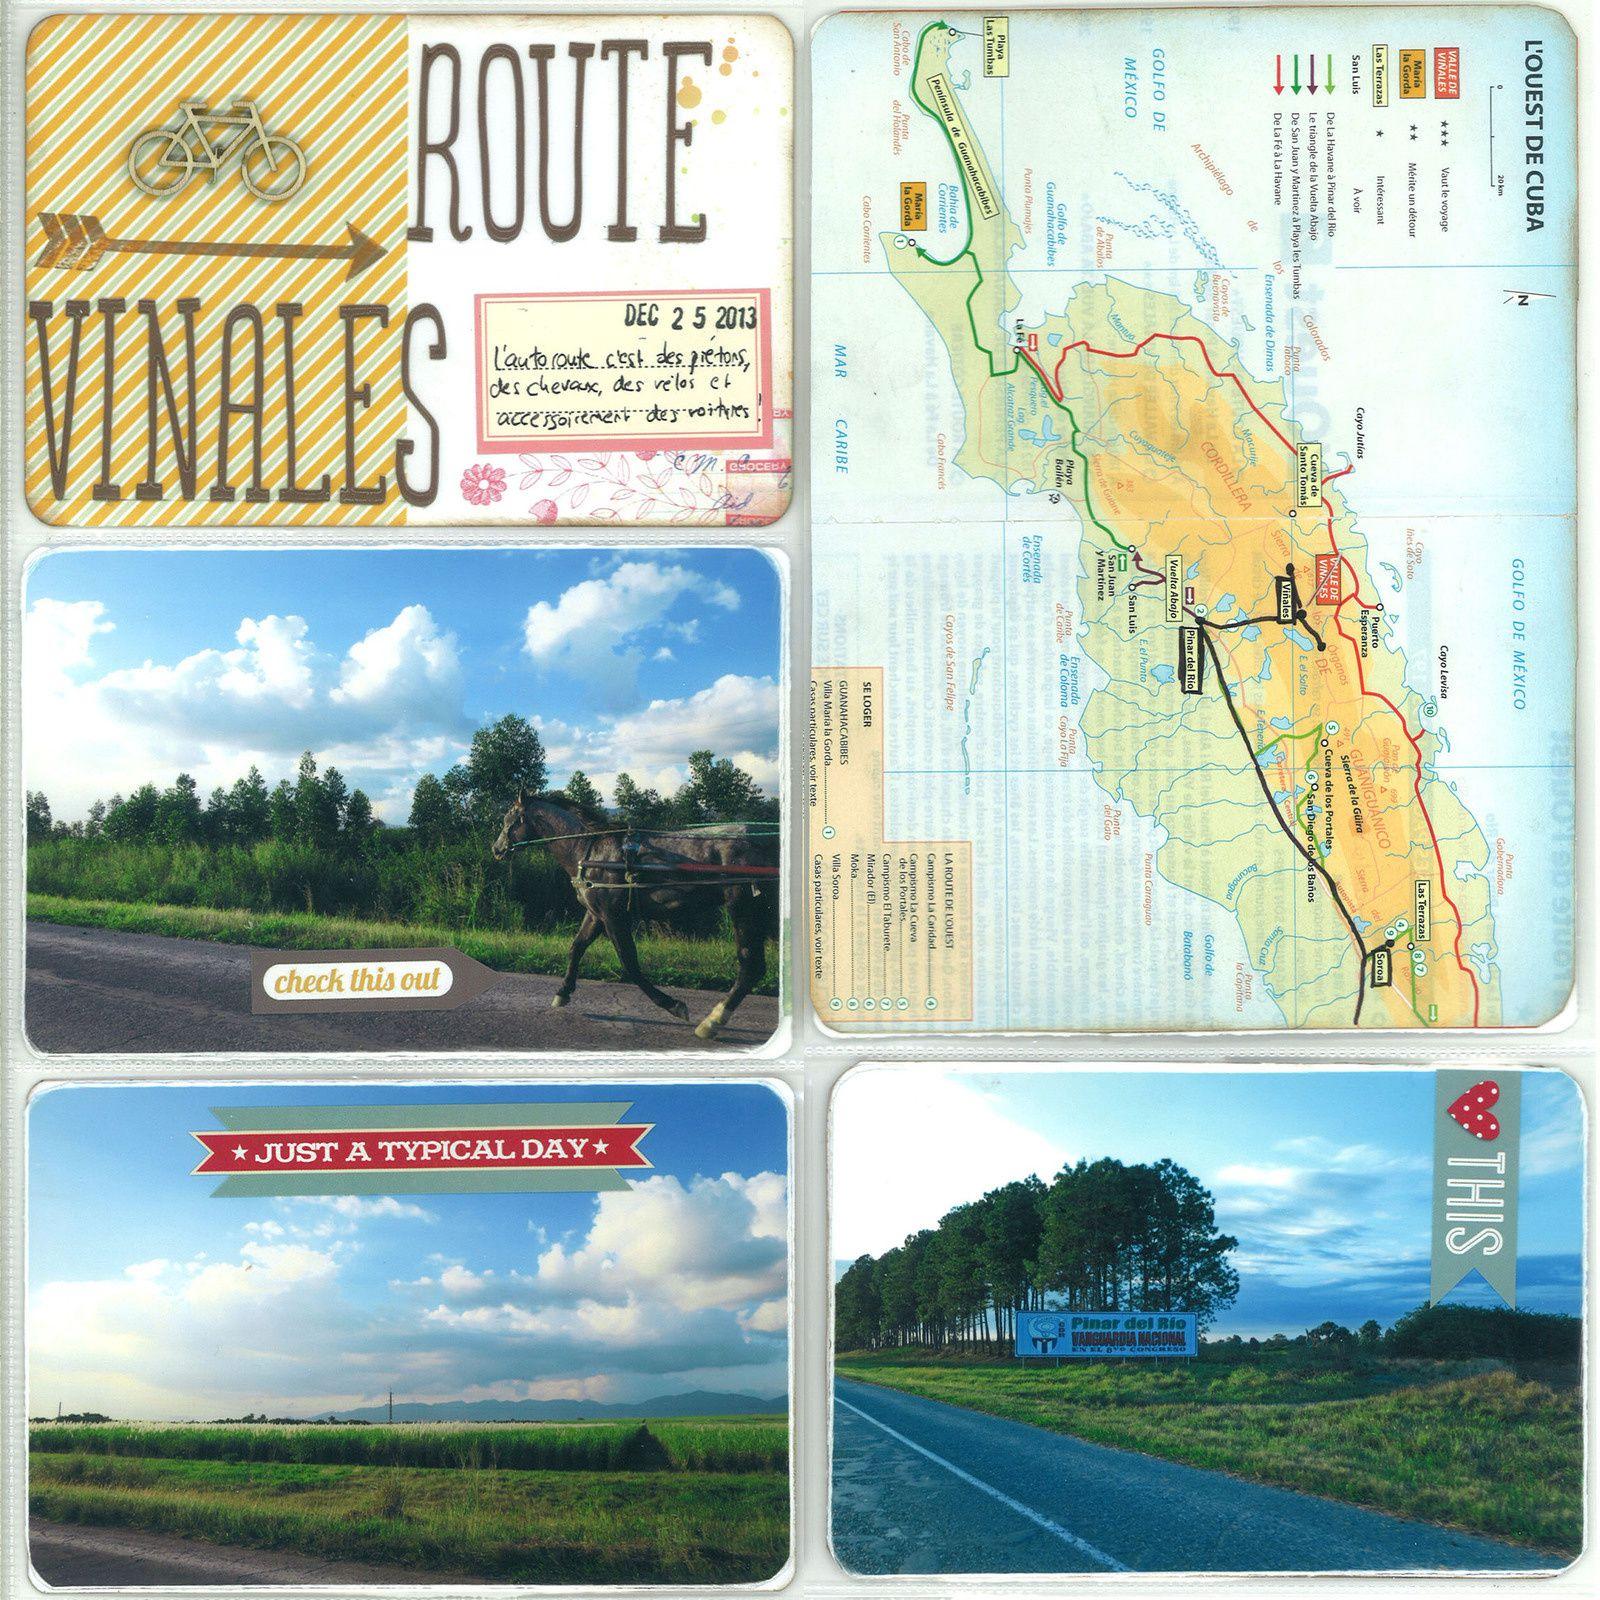 Mercredi 25 décembre... en route pour Viñales...